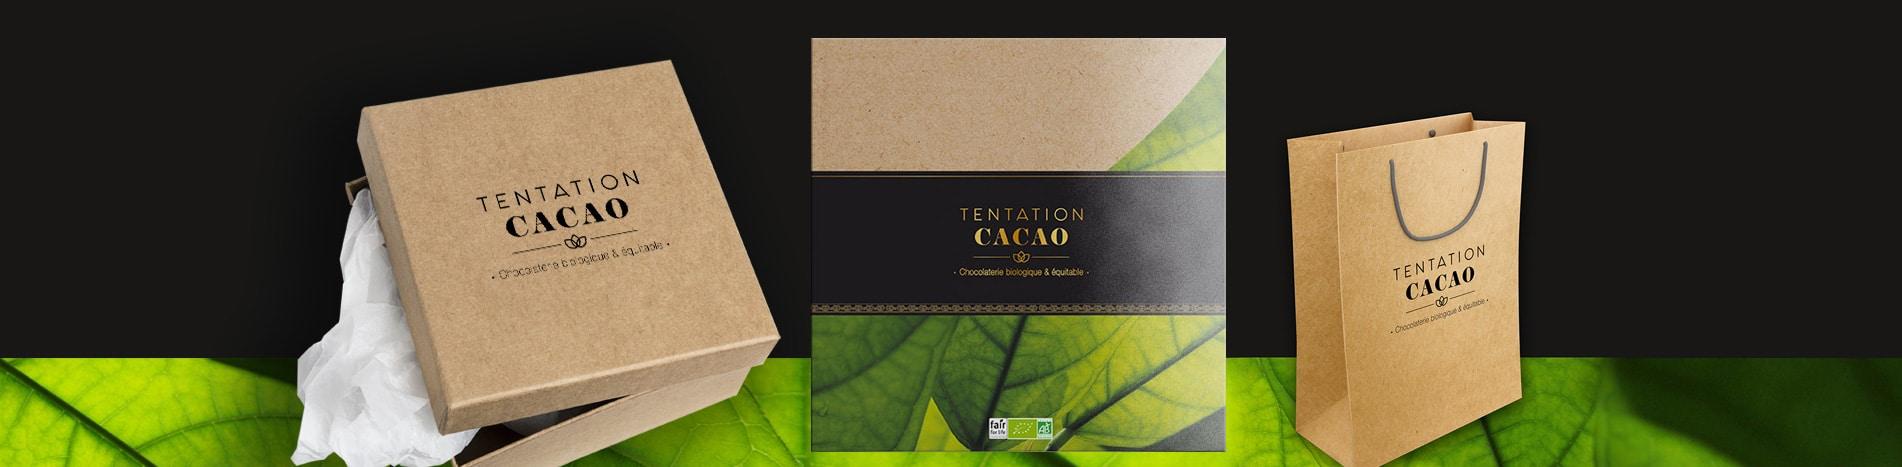 Identité visuelle de tentation cacao chocolatier